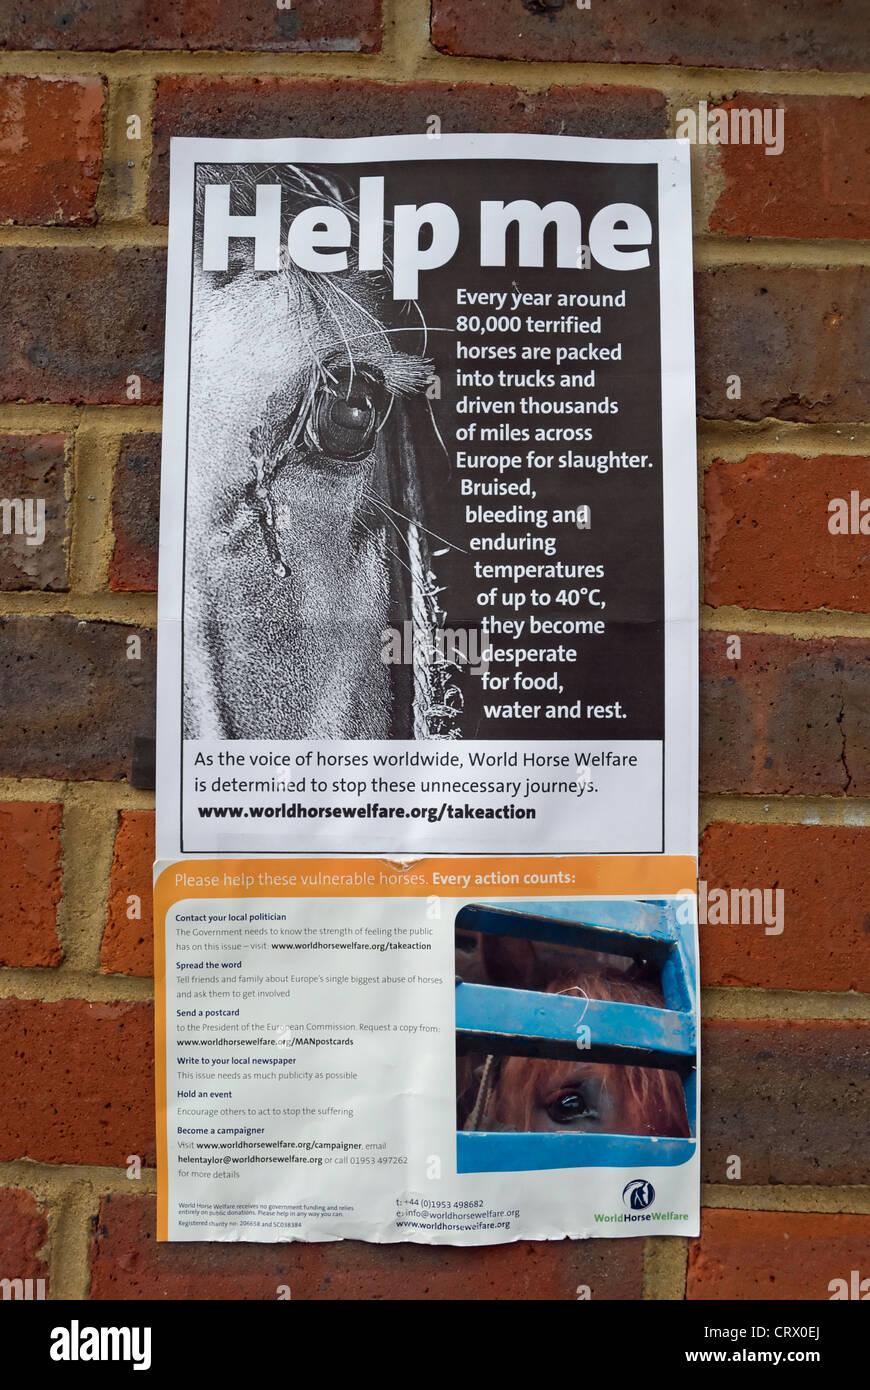 Help me poster da world horse welfare che descrivono il trattamento dei cavalli quando sono trasportati in Europa Immagini Stock